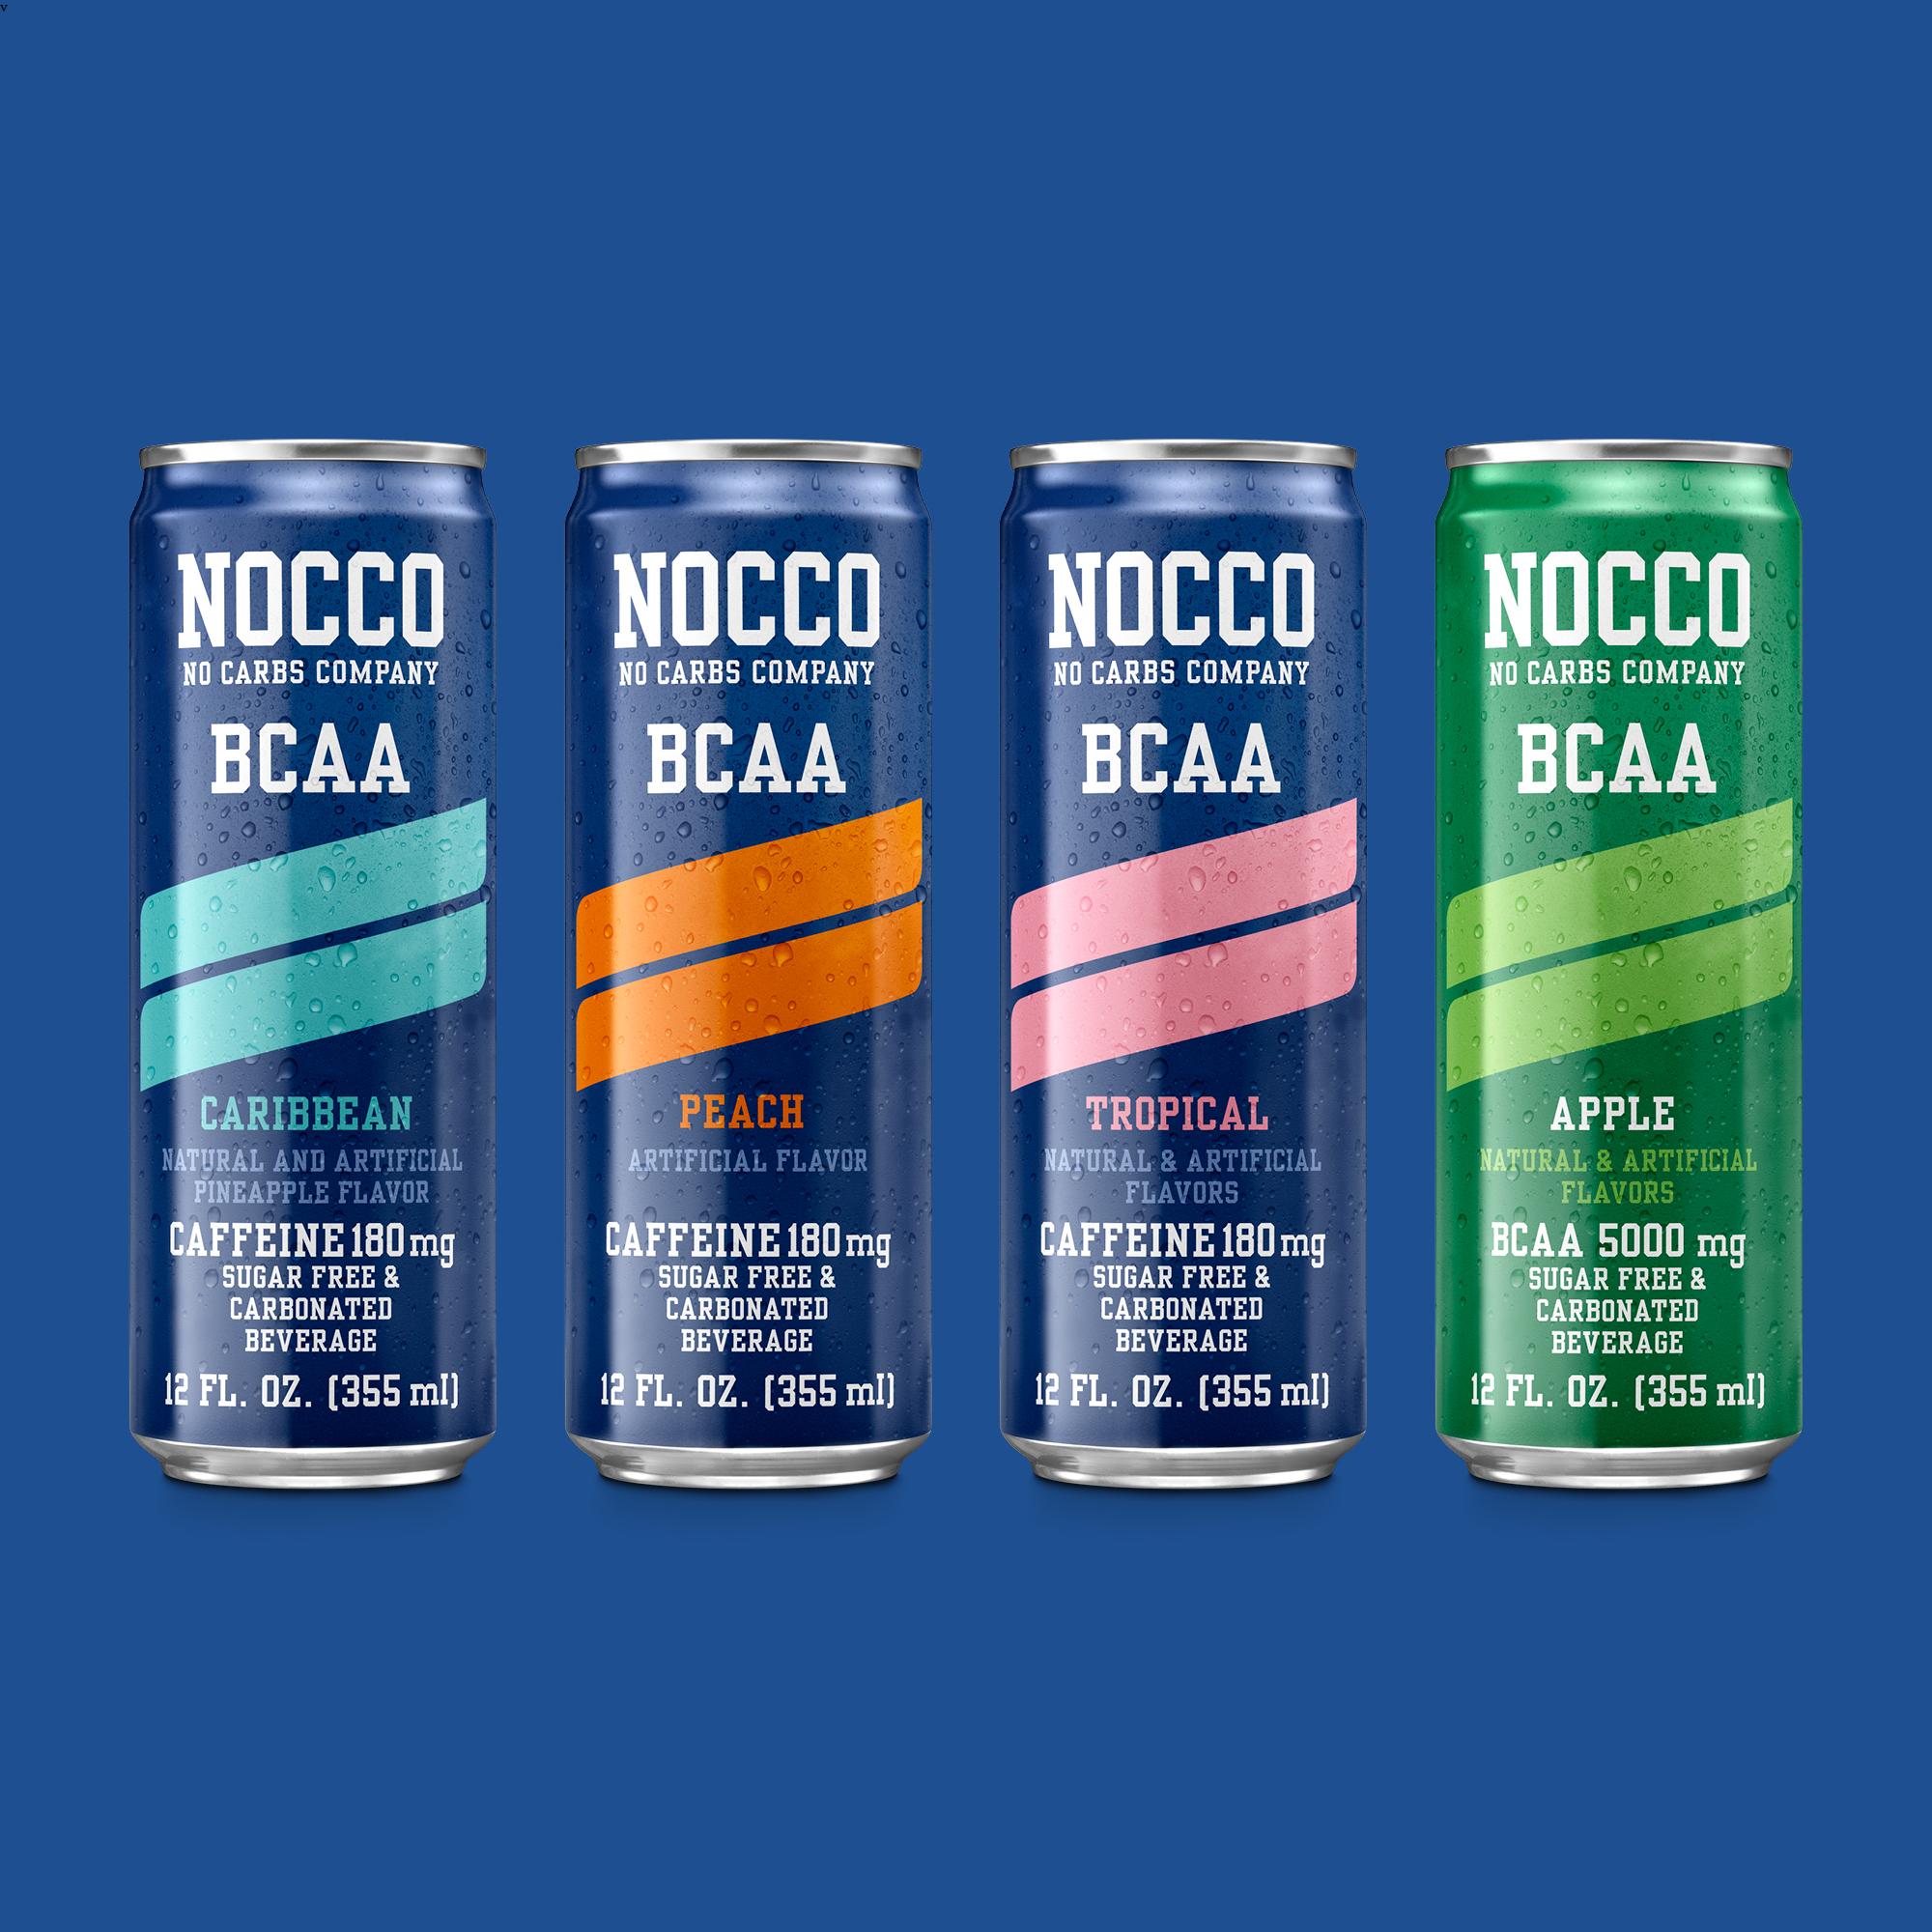 Image result for nocco drinks logo